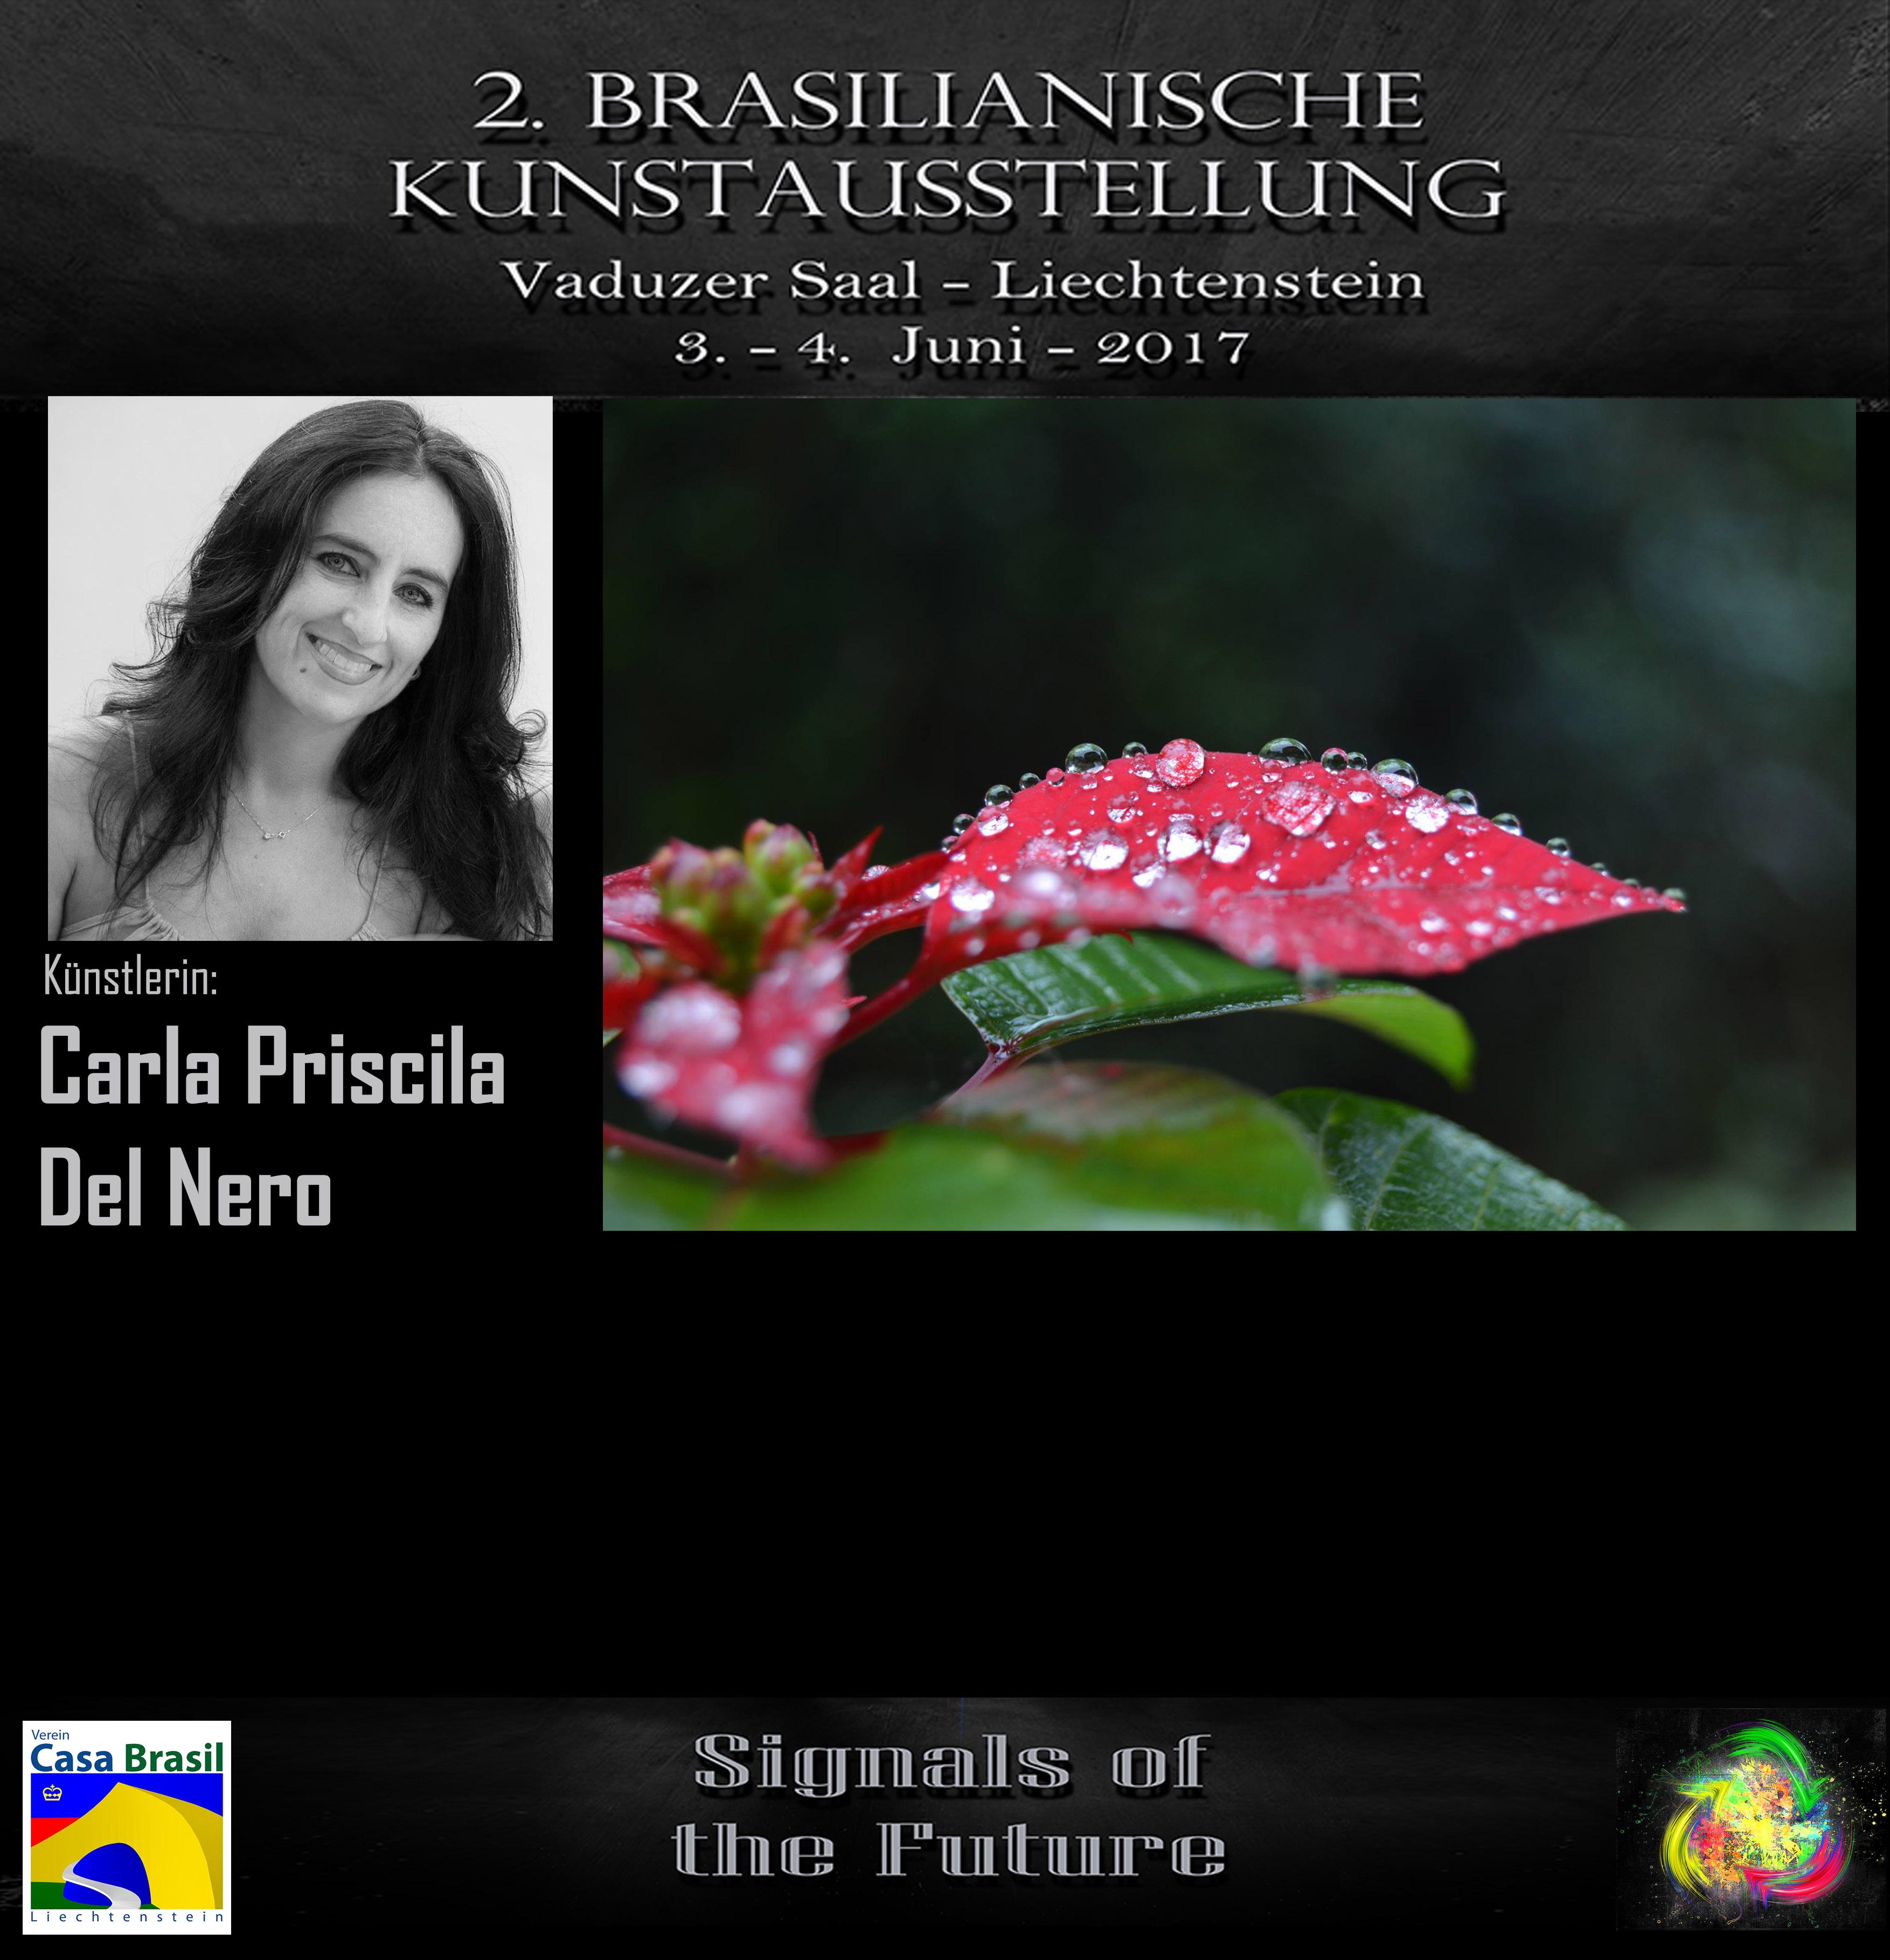 Carla Priscila Del Nero